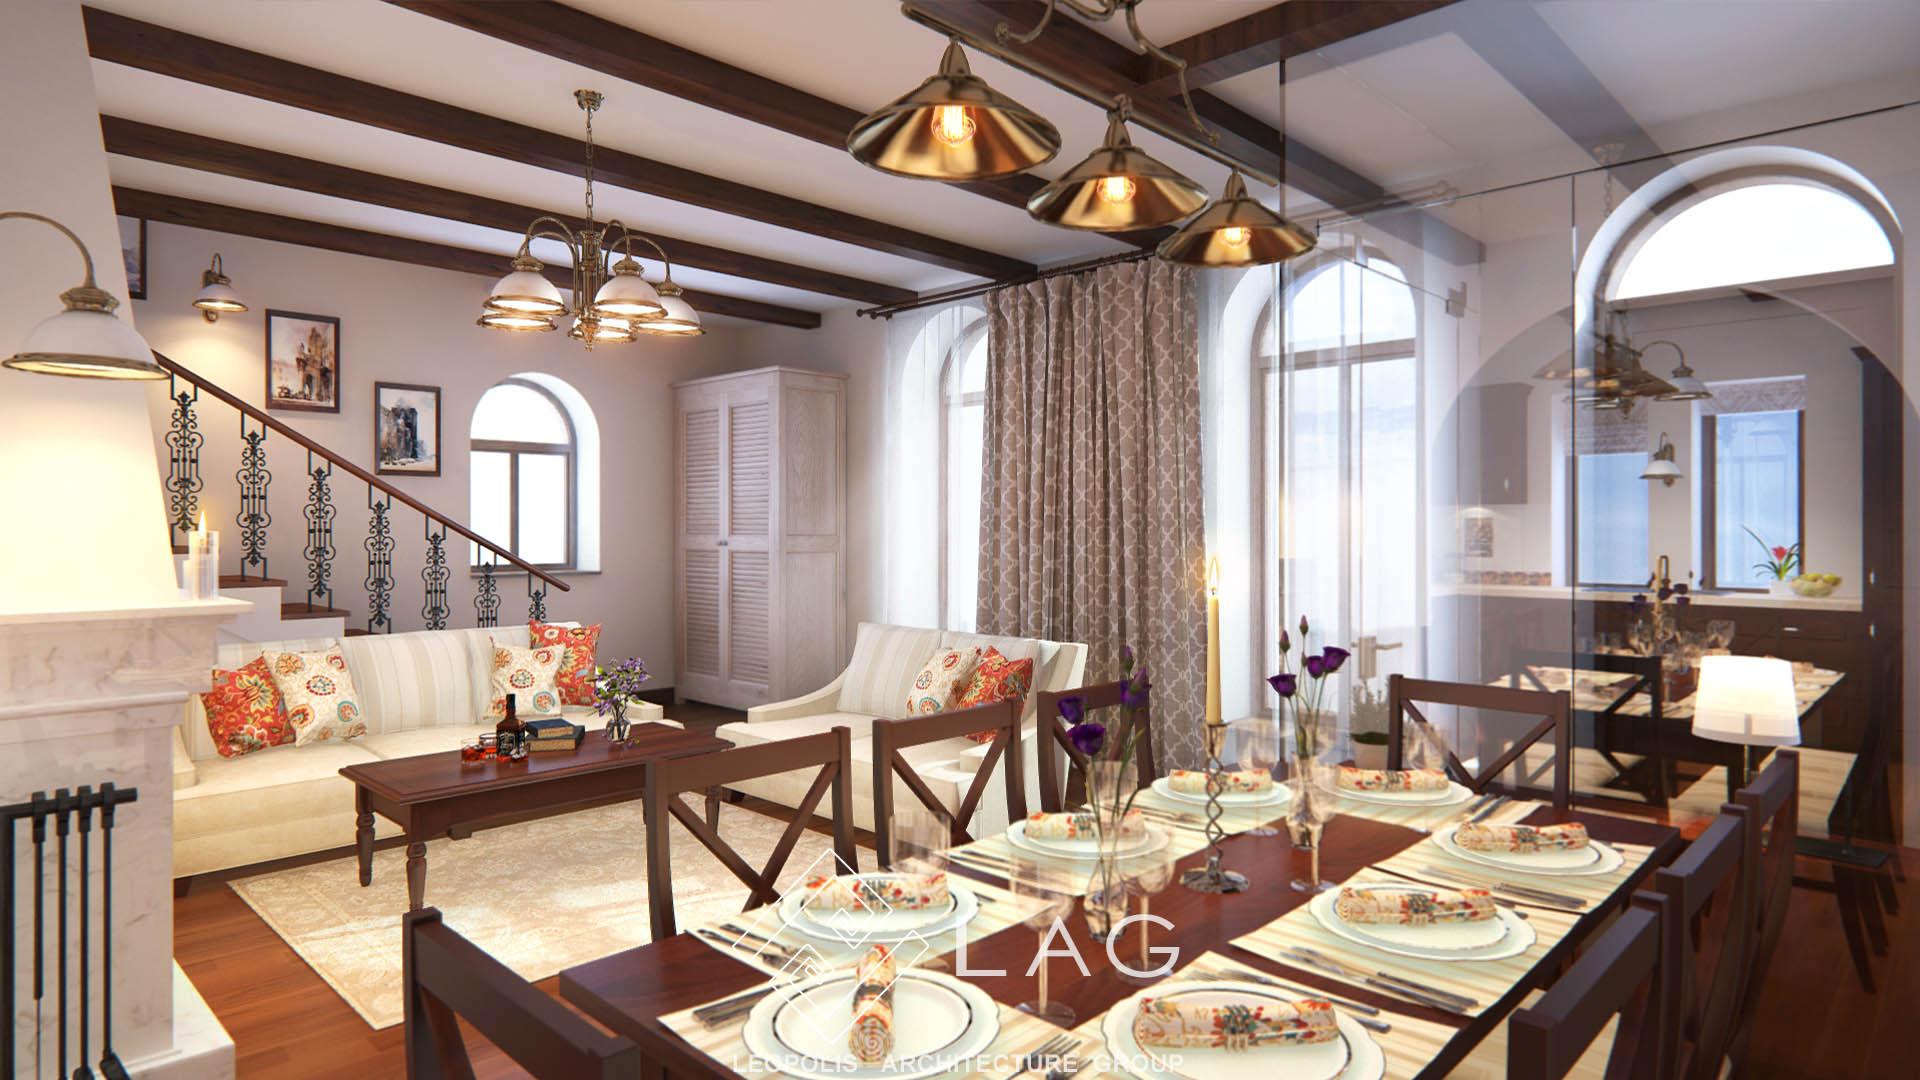 дизайн інтер'єру вітальні-кухні